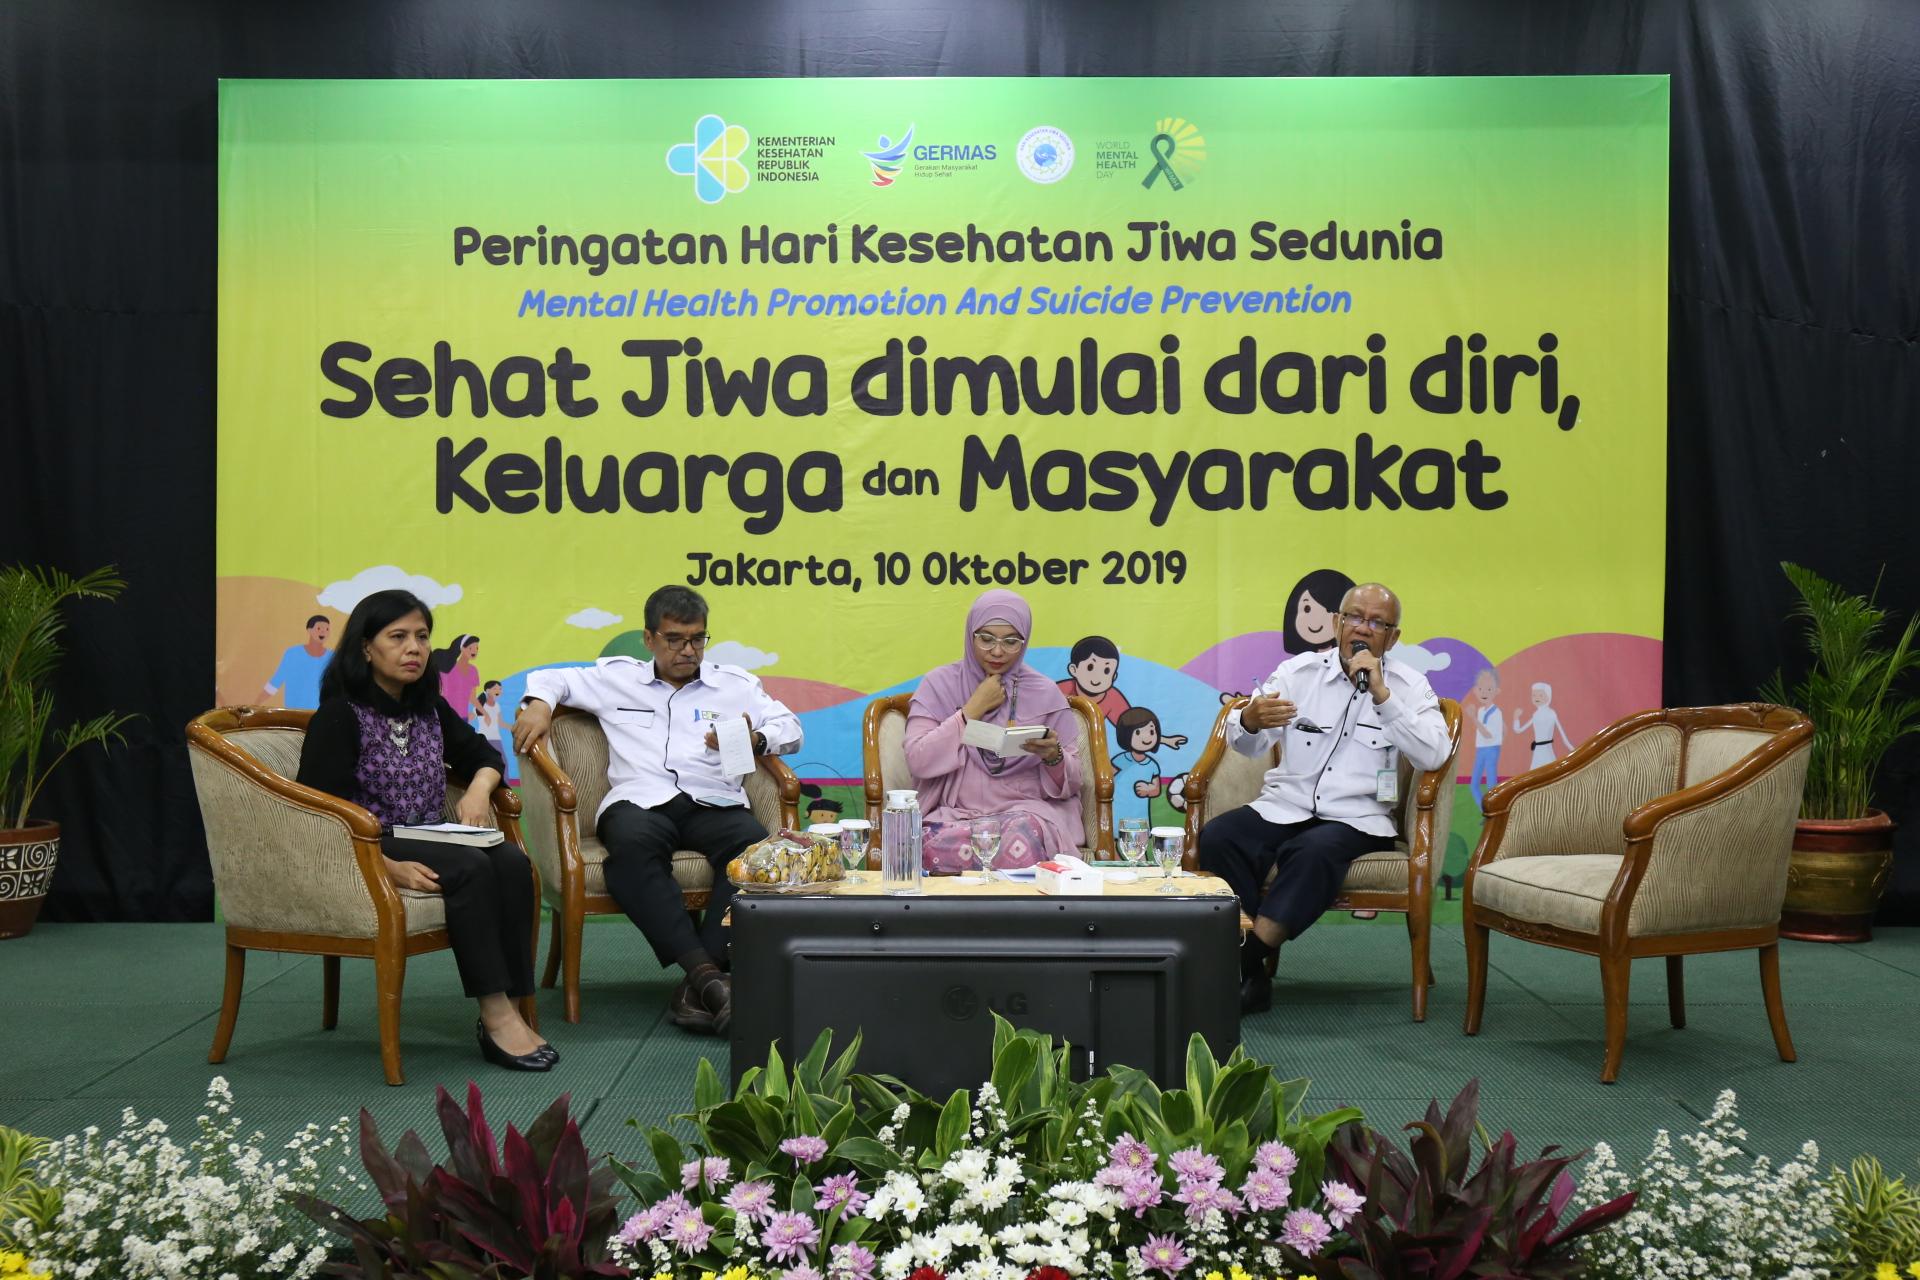 Seminar Hkjs 2019 Jiwa Sehat Negara Kuat Direktorat Jendral P2p